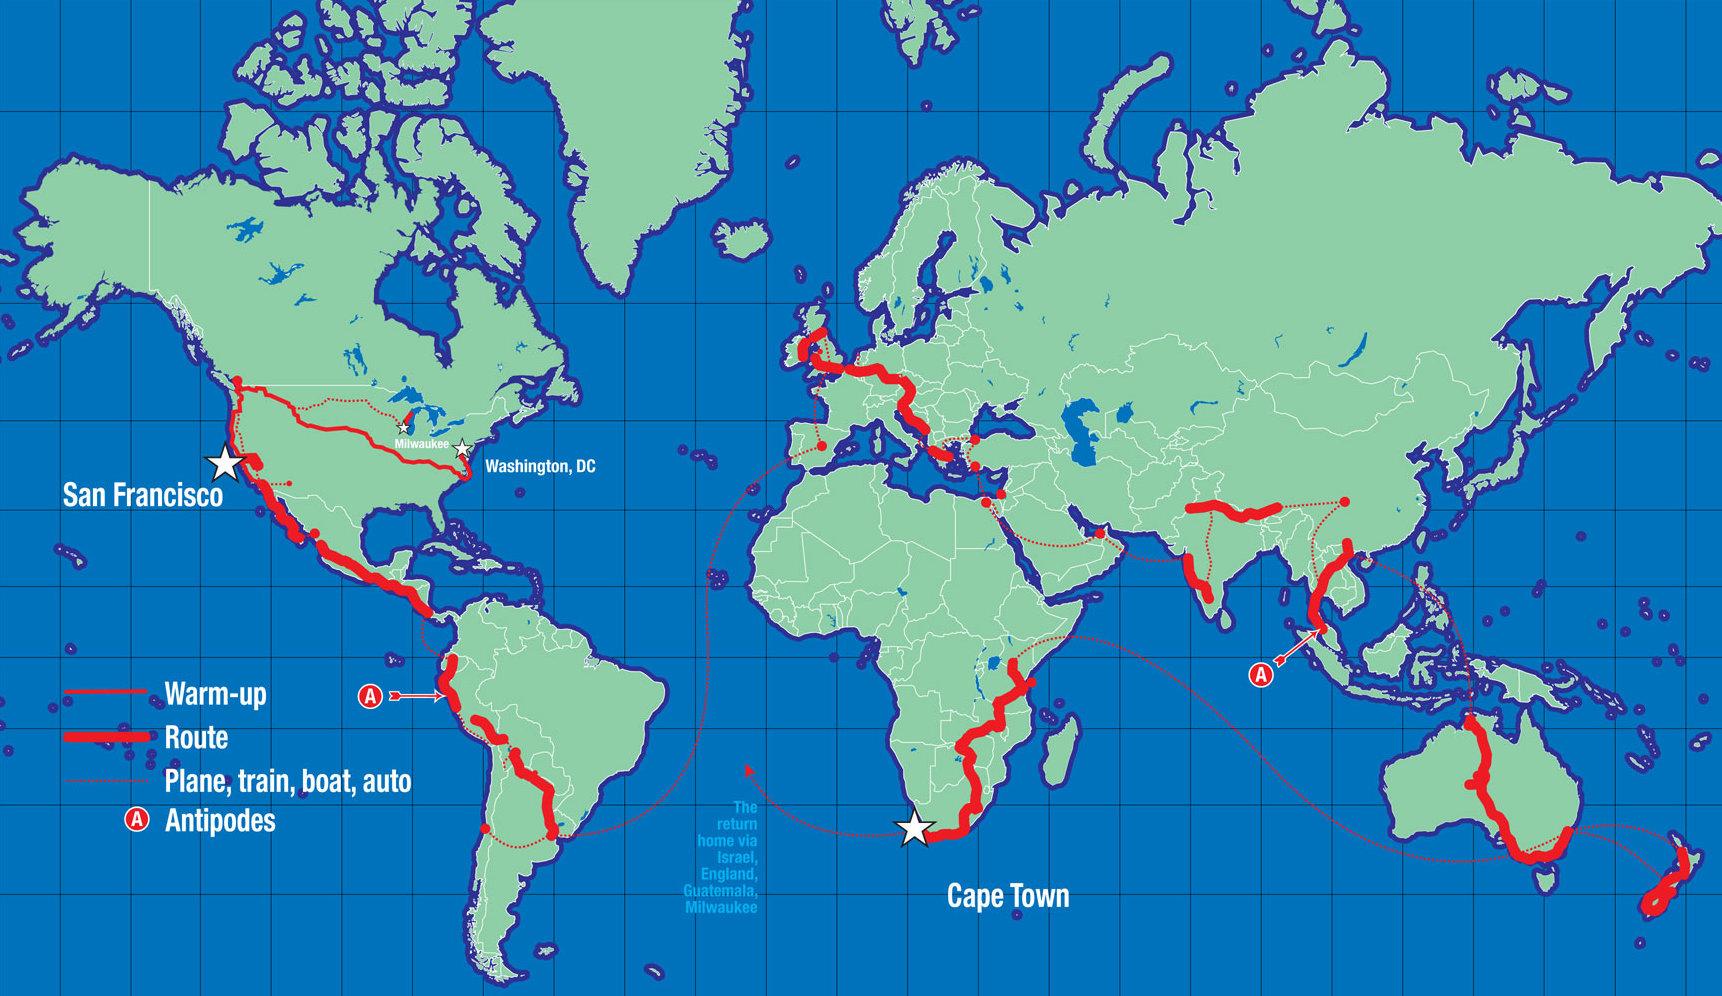 A rekordhoz valójában nem is kell a bolygót megkerülni: lényeg a két ellentétes pont, a 29.000, illetve a 40.075 km!